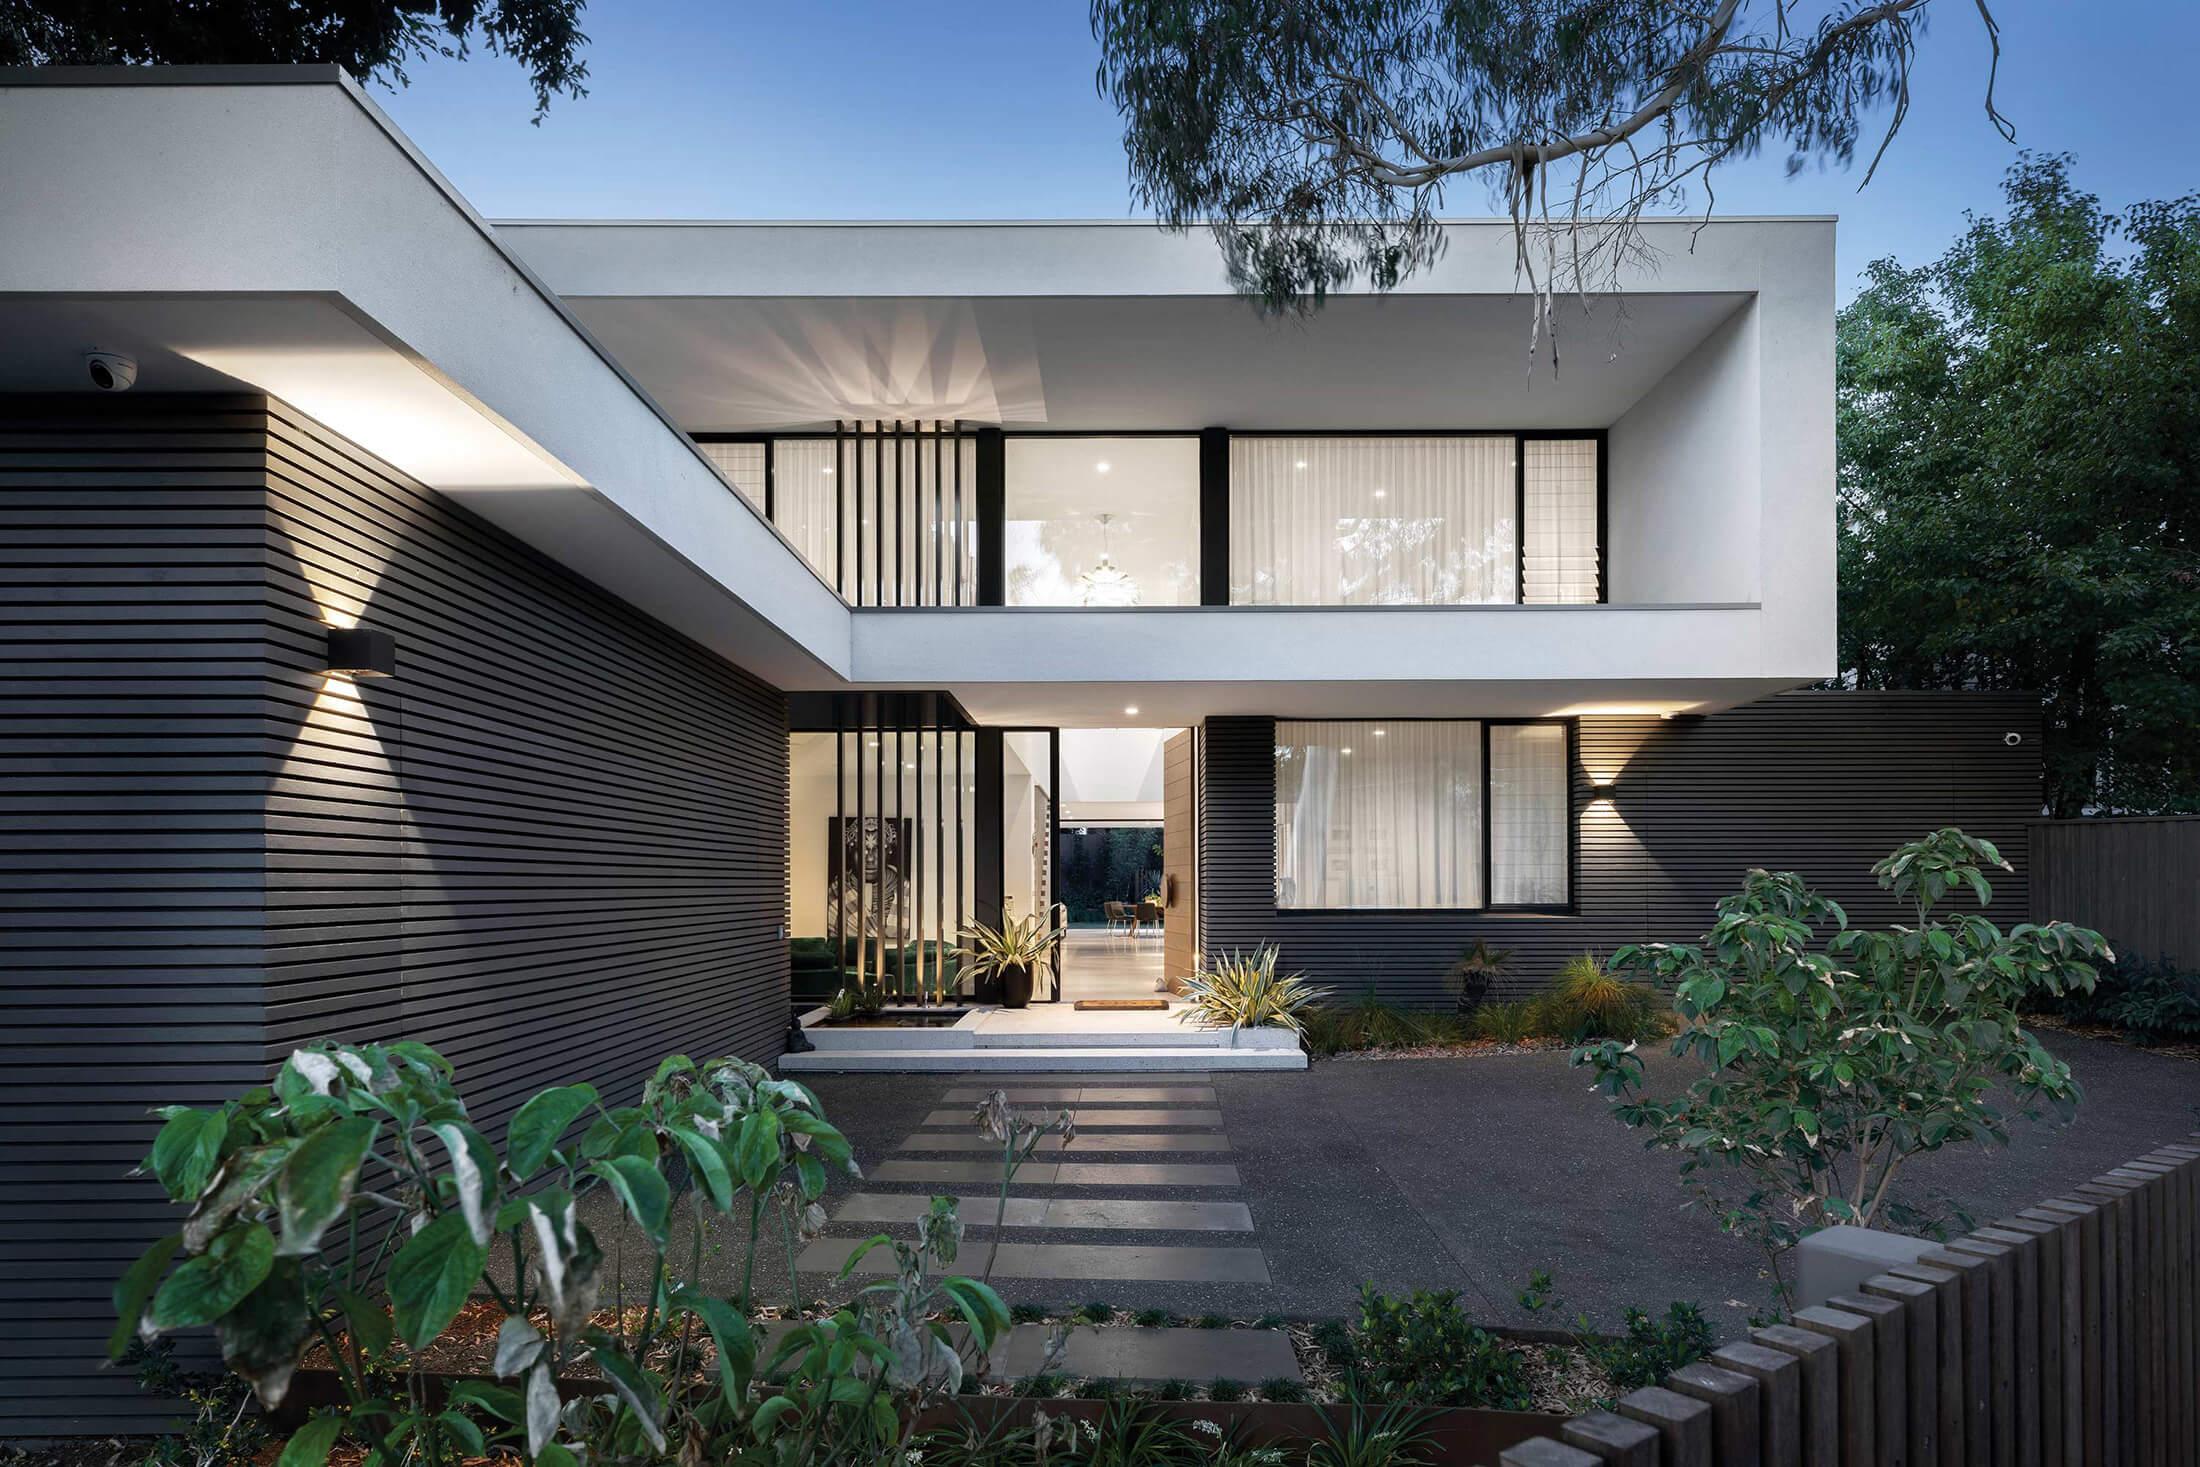 Facade of new modern home